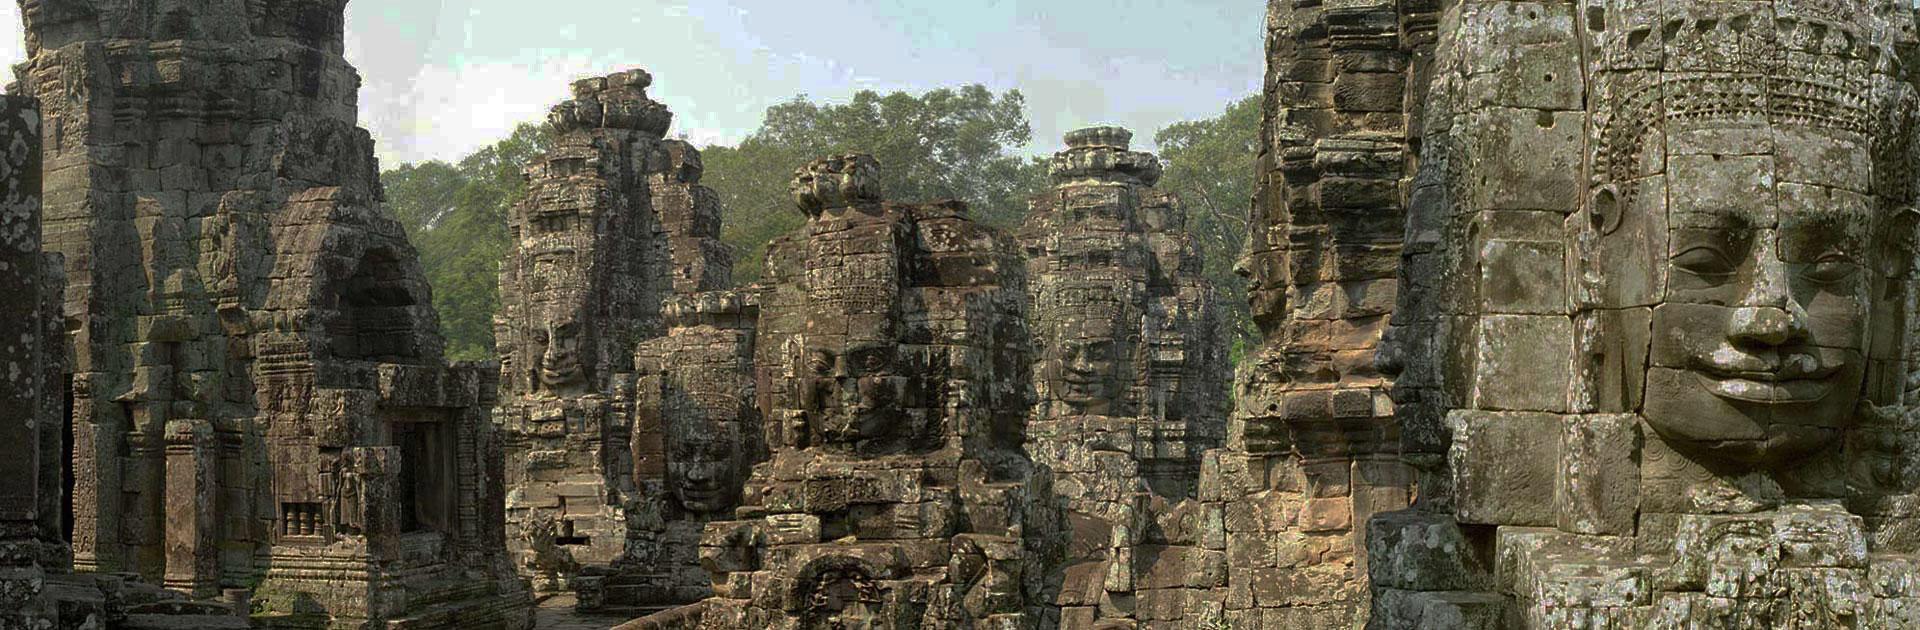 KHMM Myanmar Básico y Angkor 13 días 3